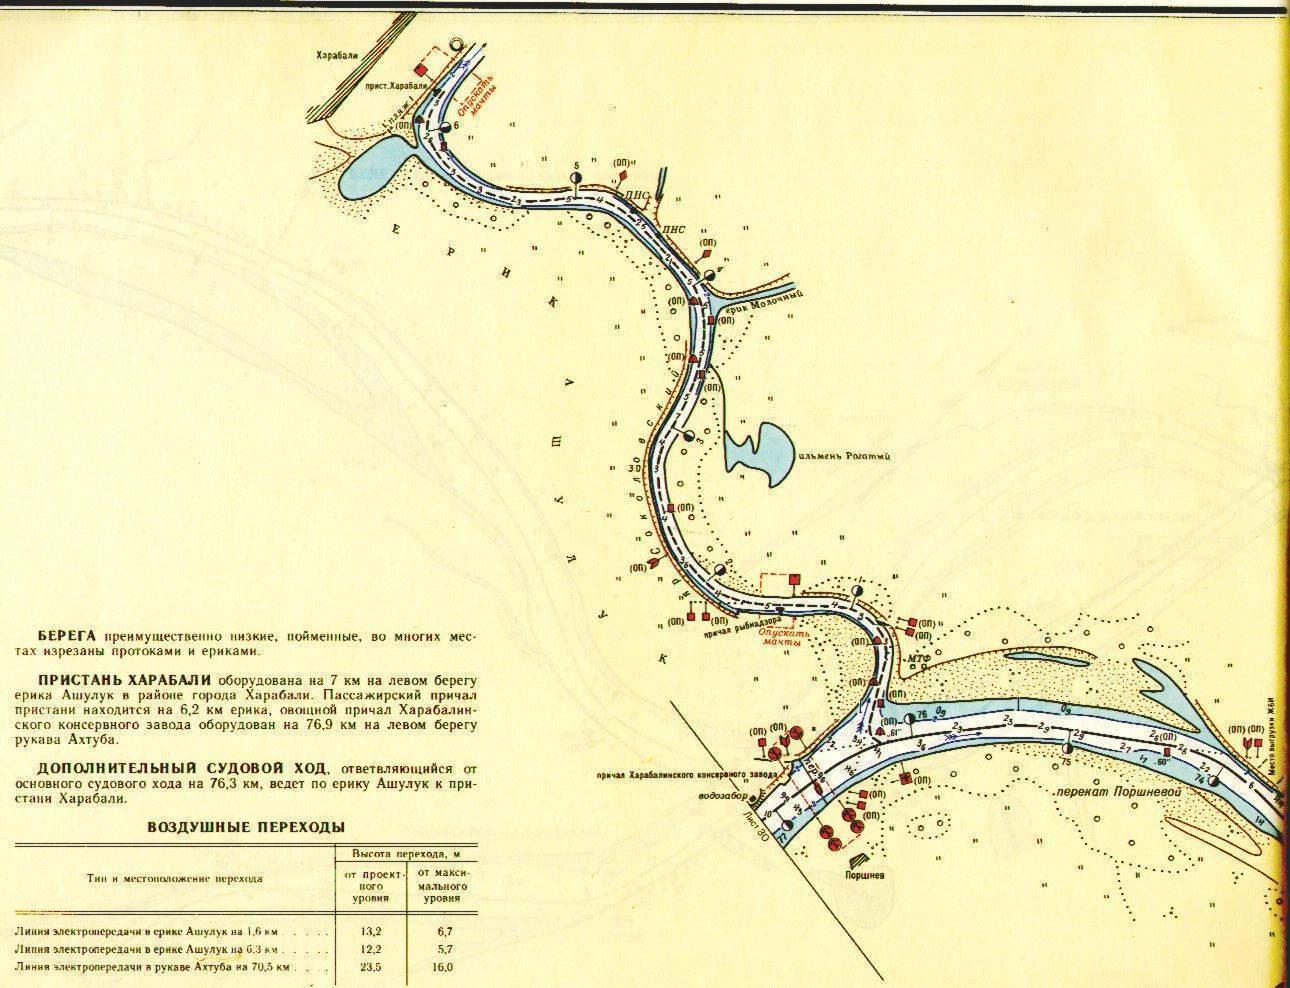 Озеро ик, омская область: описание, особенности, природный и животный мир